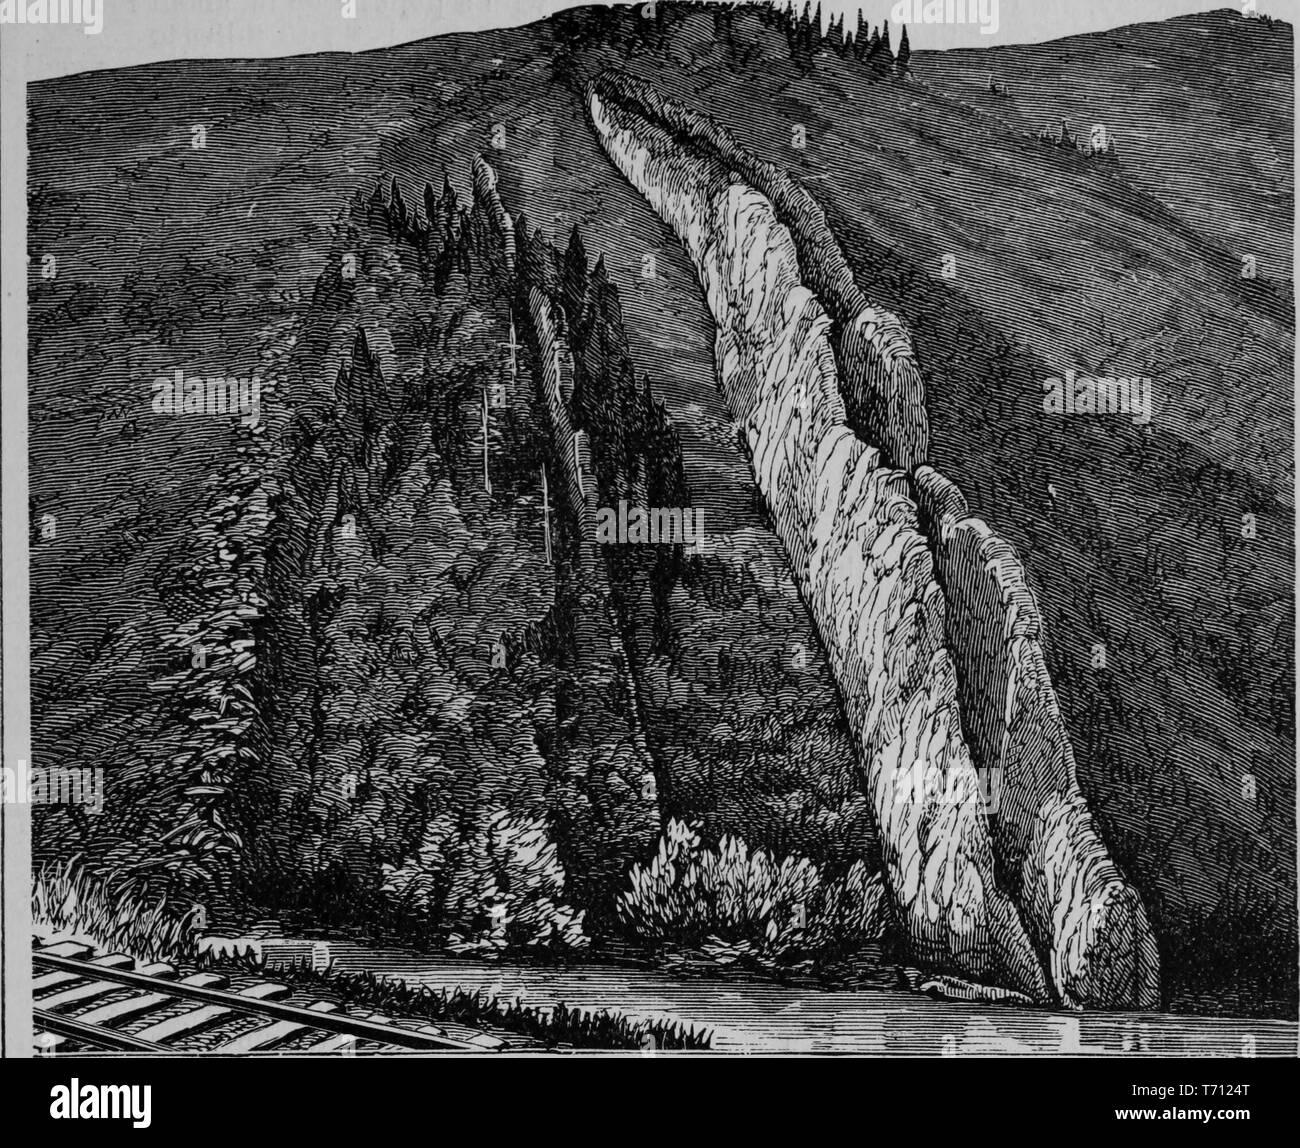 """Grabado de la diapositiva del Diablo, inusual formación geológica, del libro """"La nueva Crofutt overland y guía turística de la costa del Pacífico"""", Weber Canyon, Utah, 1879. Cortesía de Internet Archive. () Imagen De Stock"""